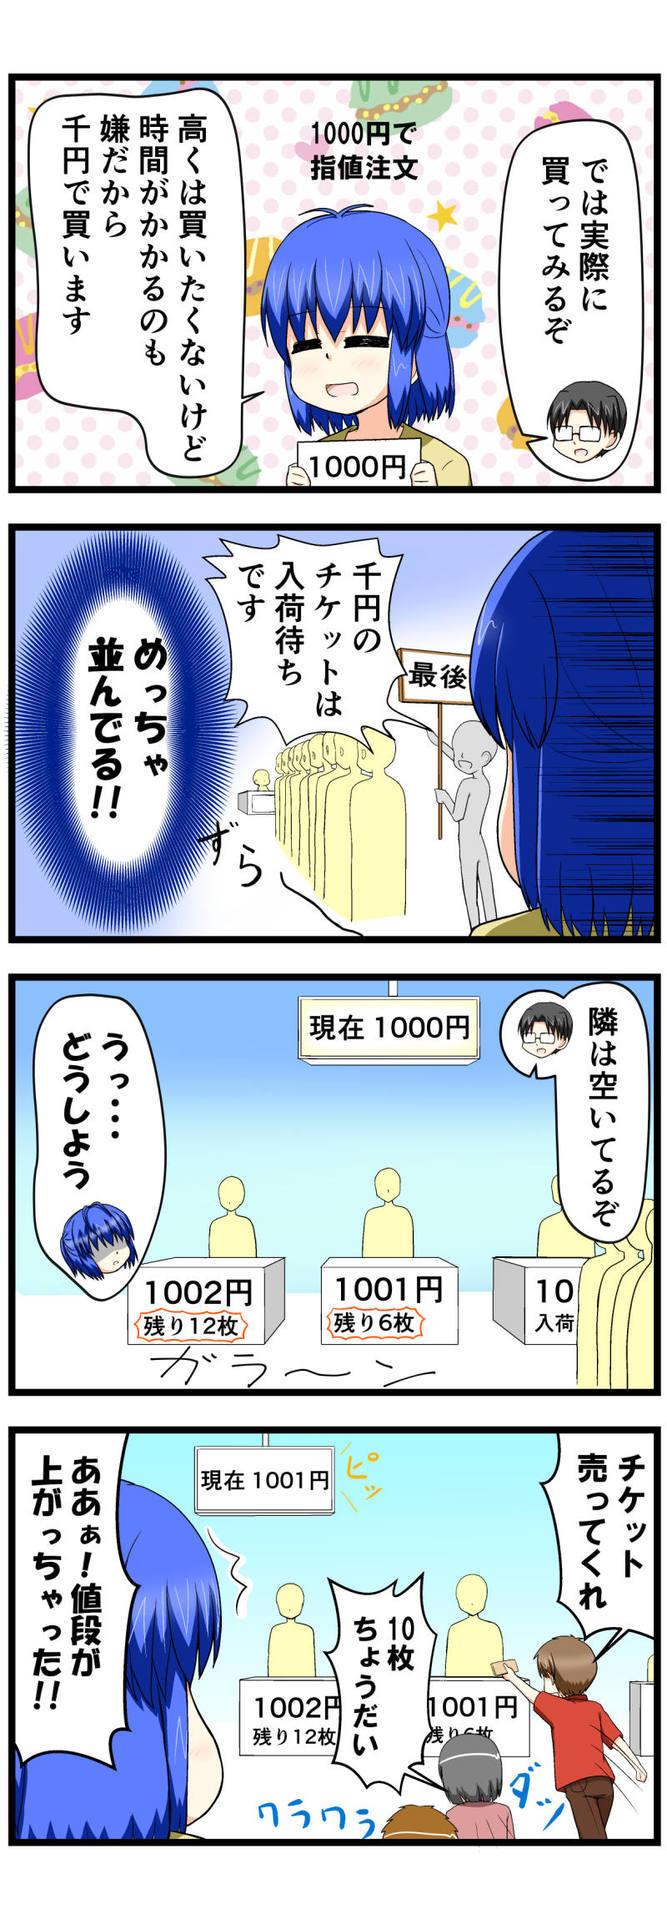 萌える株セミナー26.jpg